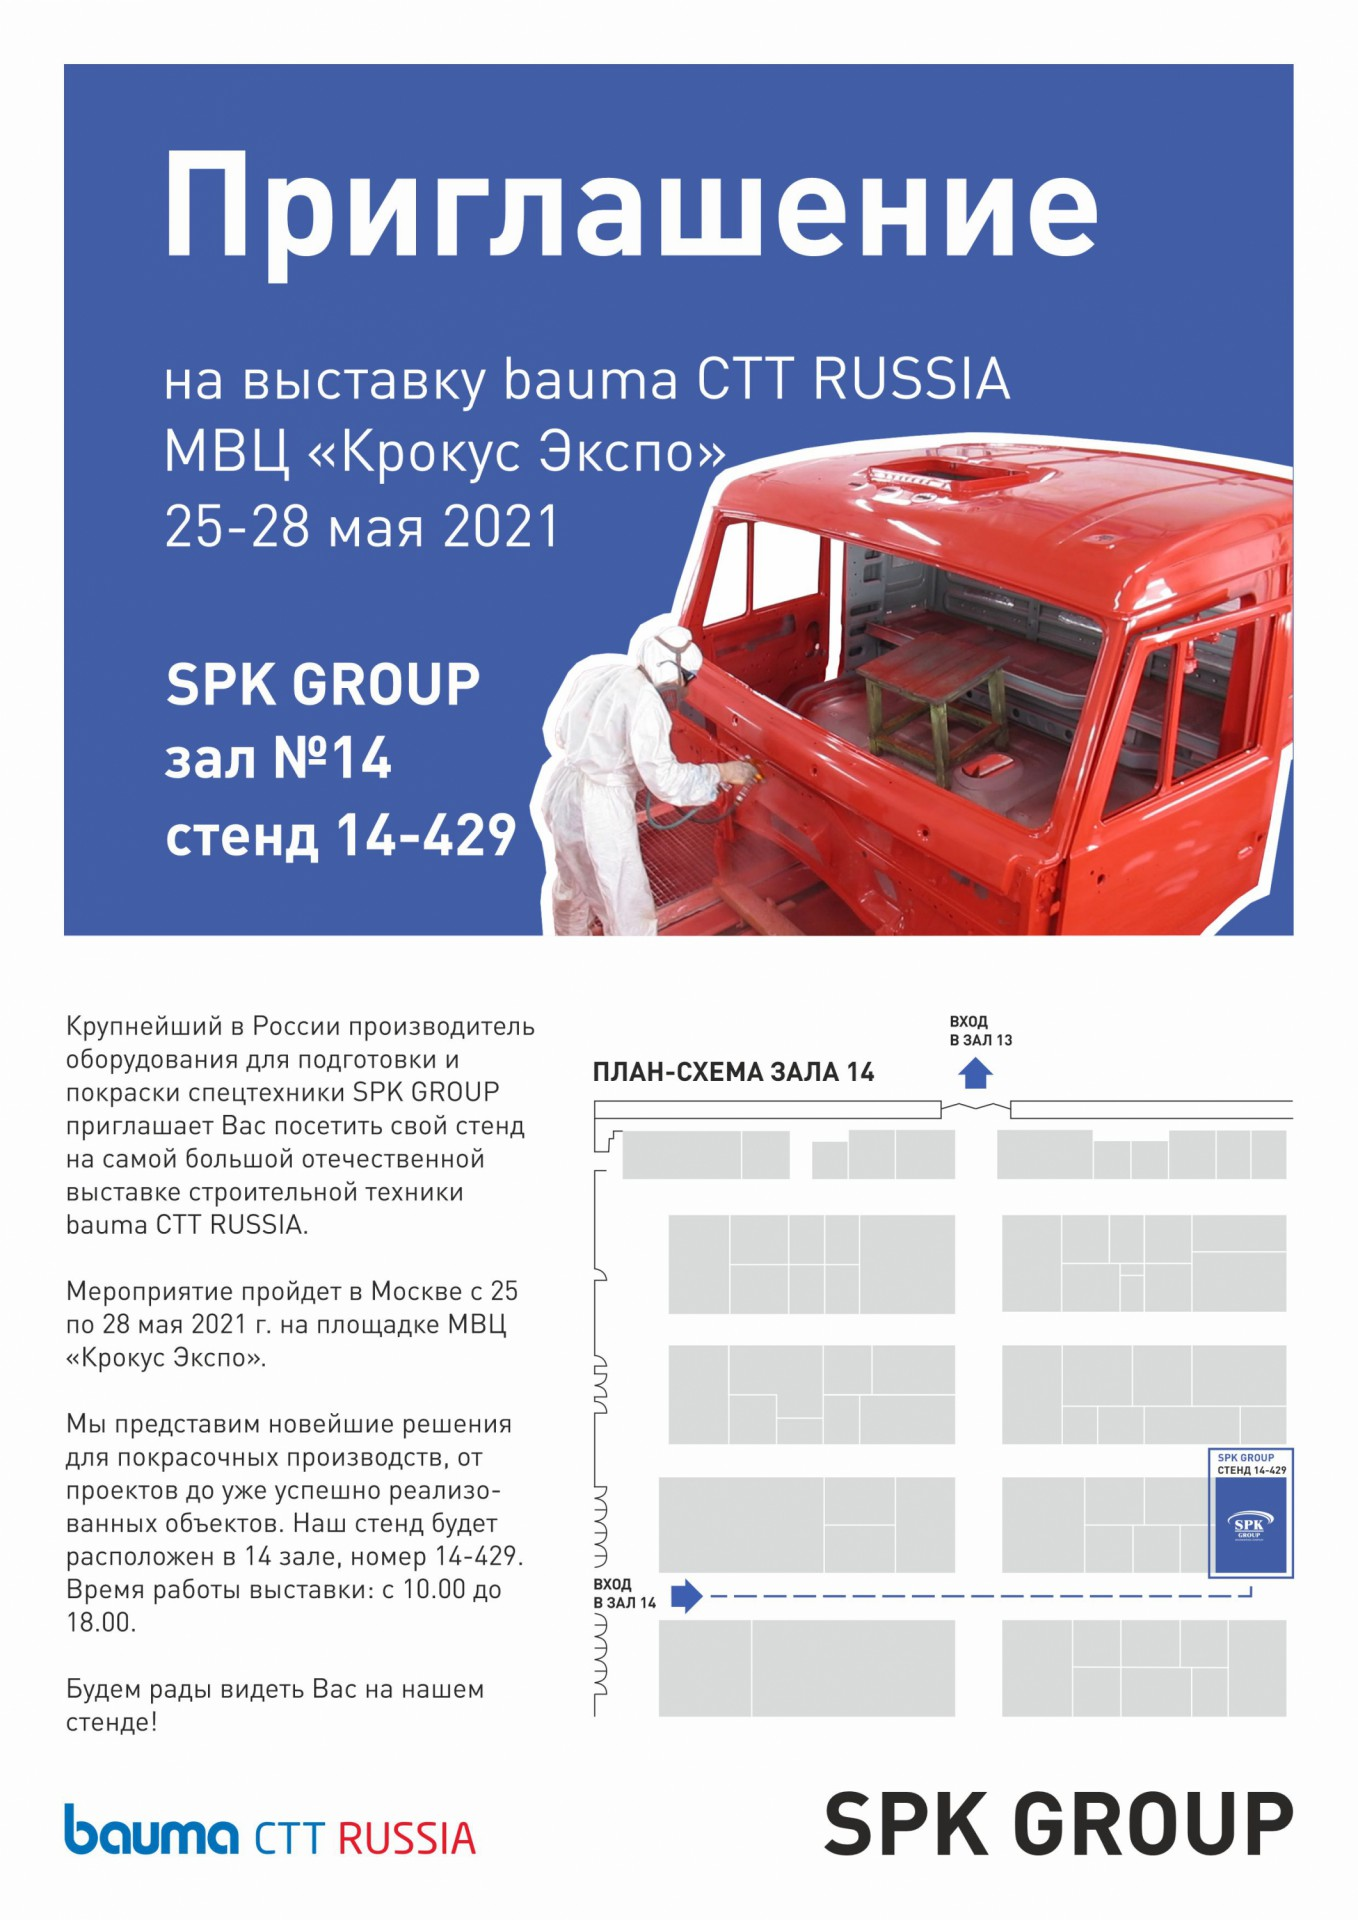 участник выставки bauma ctt russia 2021